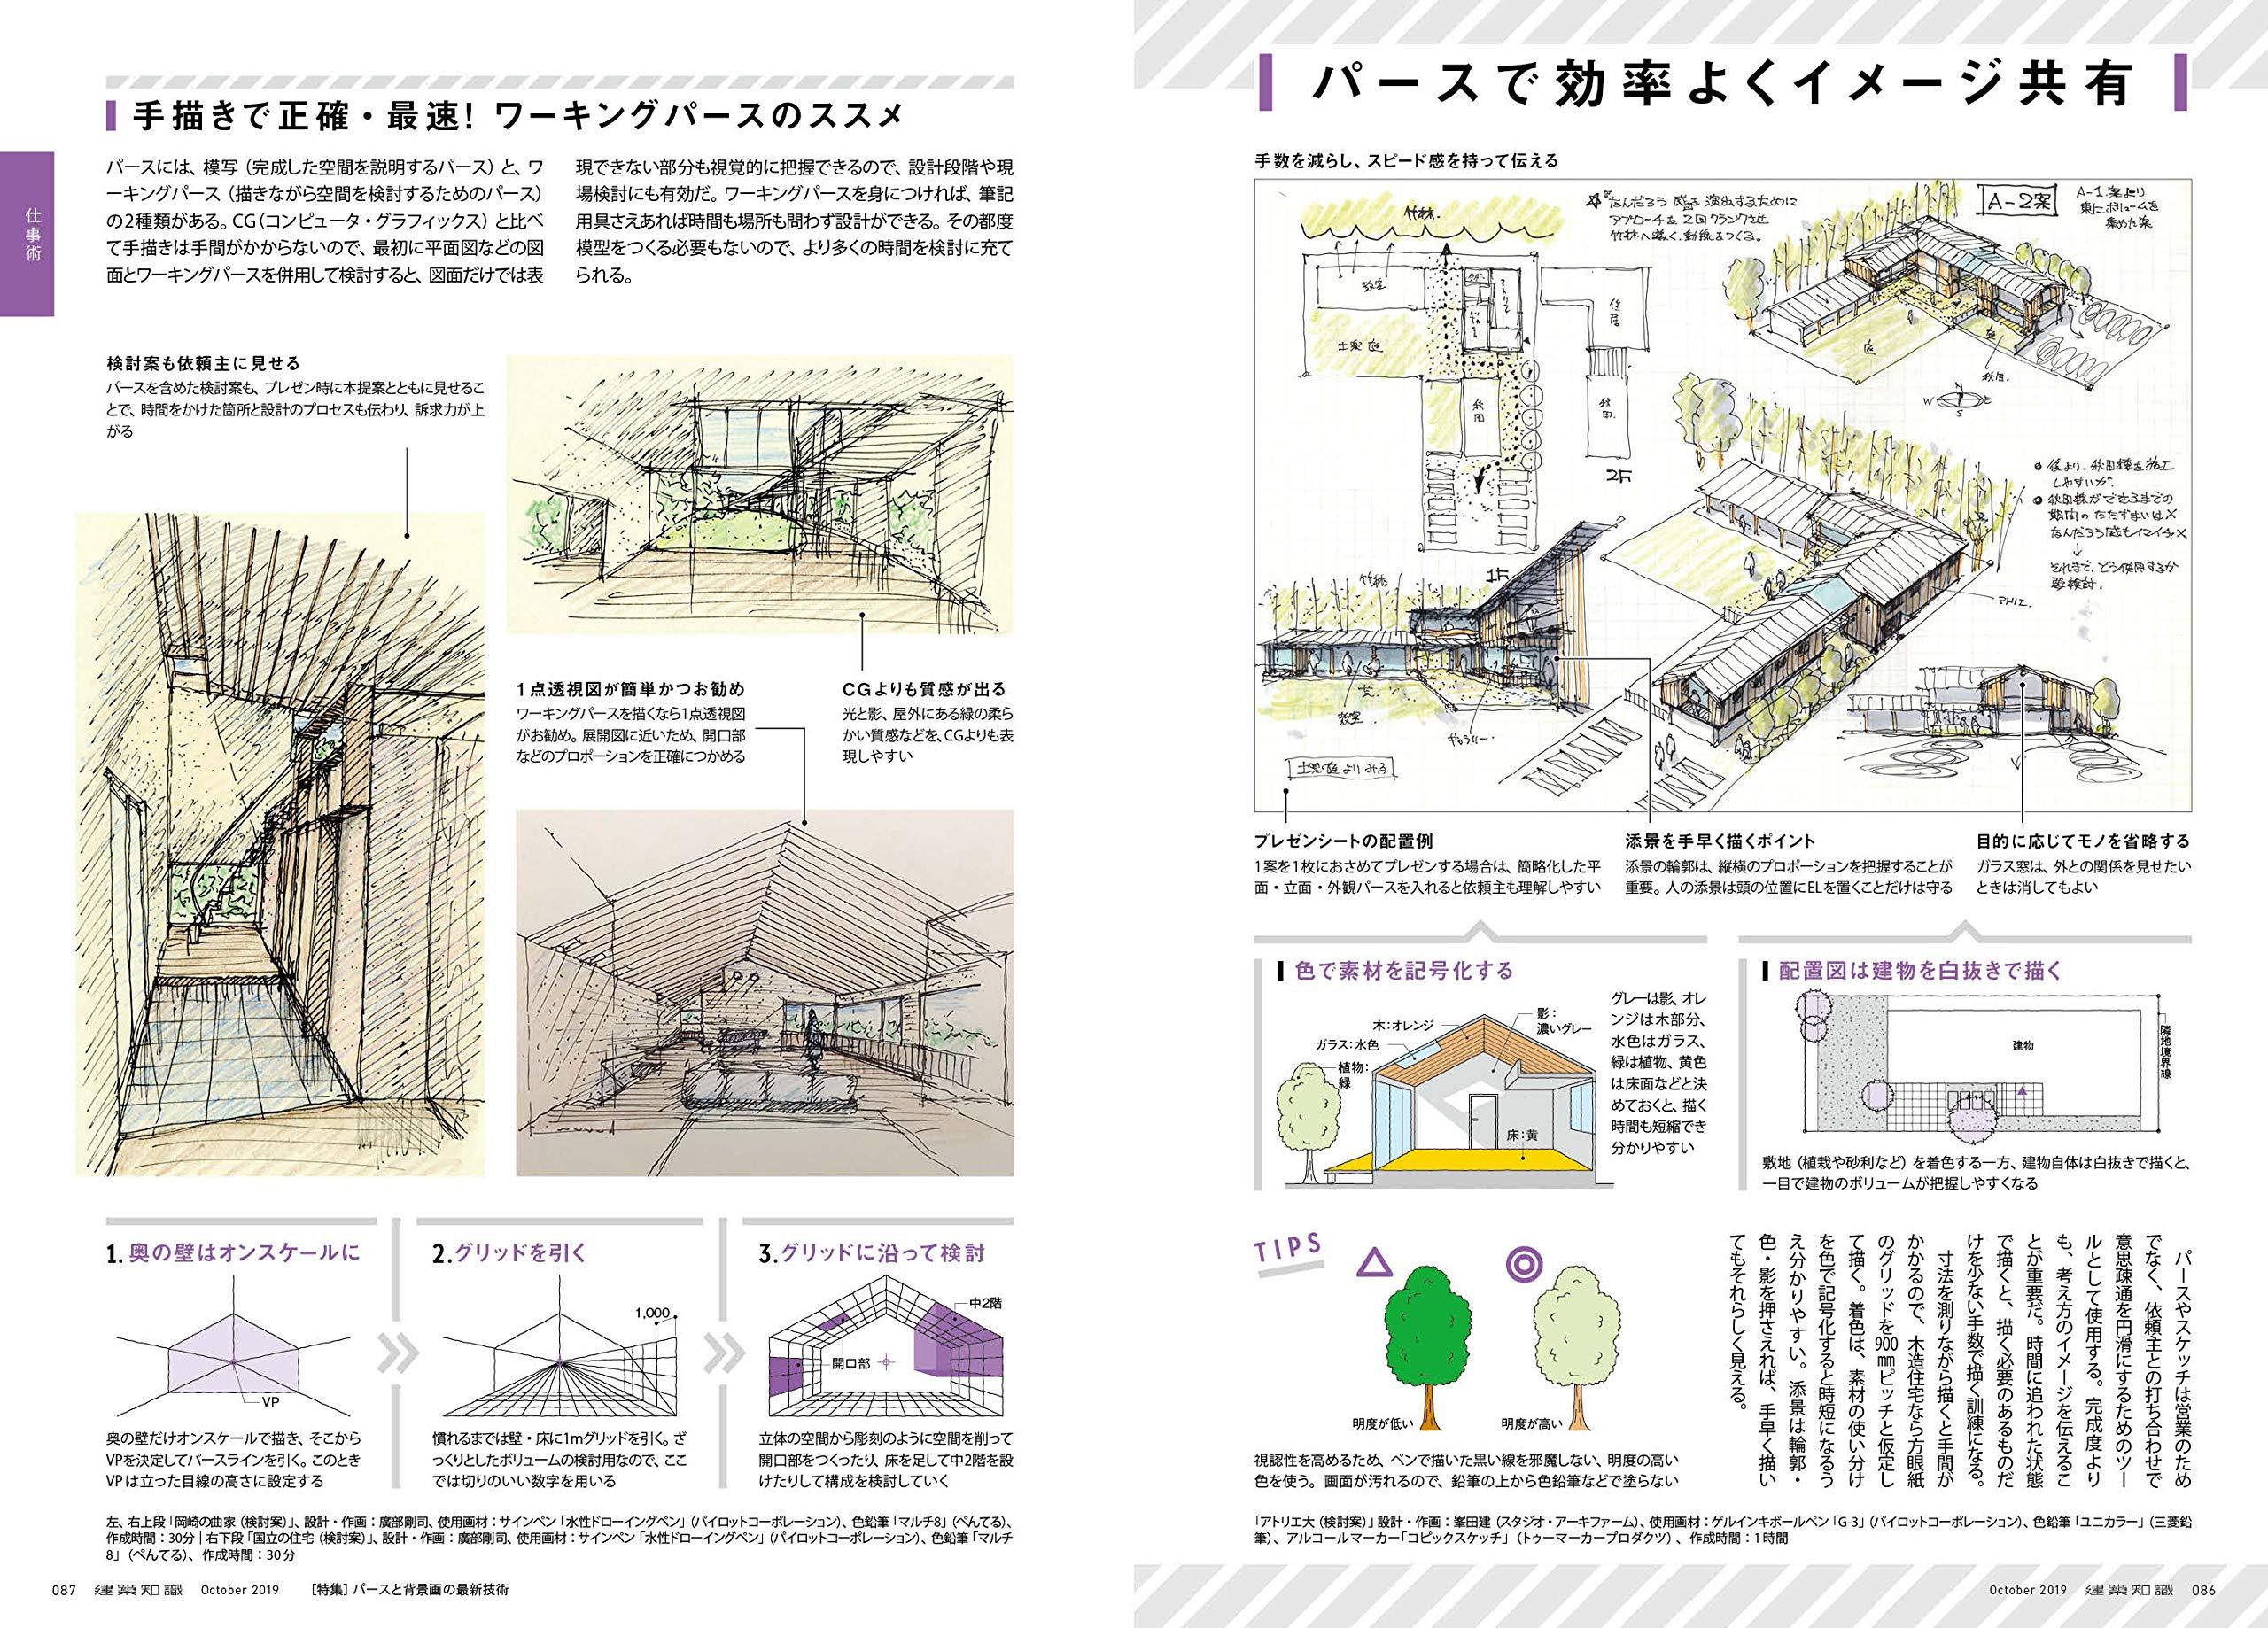 背景を上手くなりたいイラストレーターは、『建築知識』2019年10月号を読もう! 【背景|風景|パース|イラスト】 イラストの描きかた イラストレーション